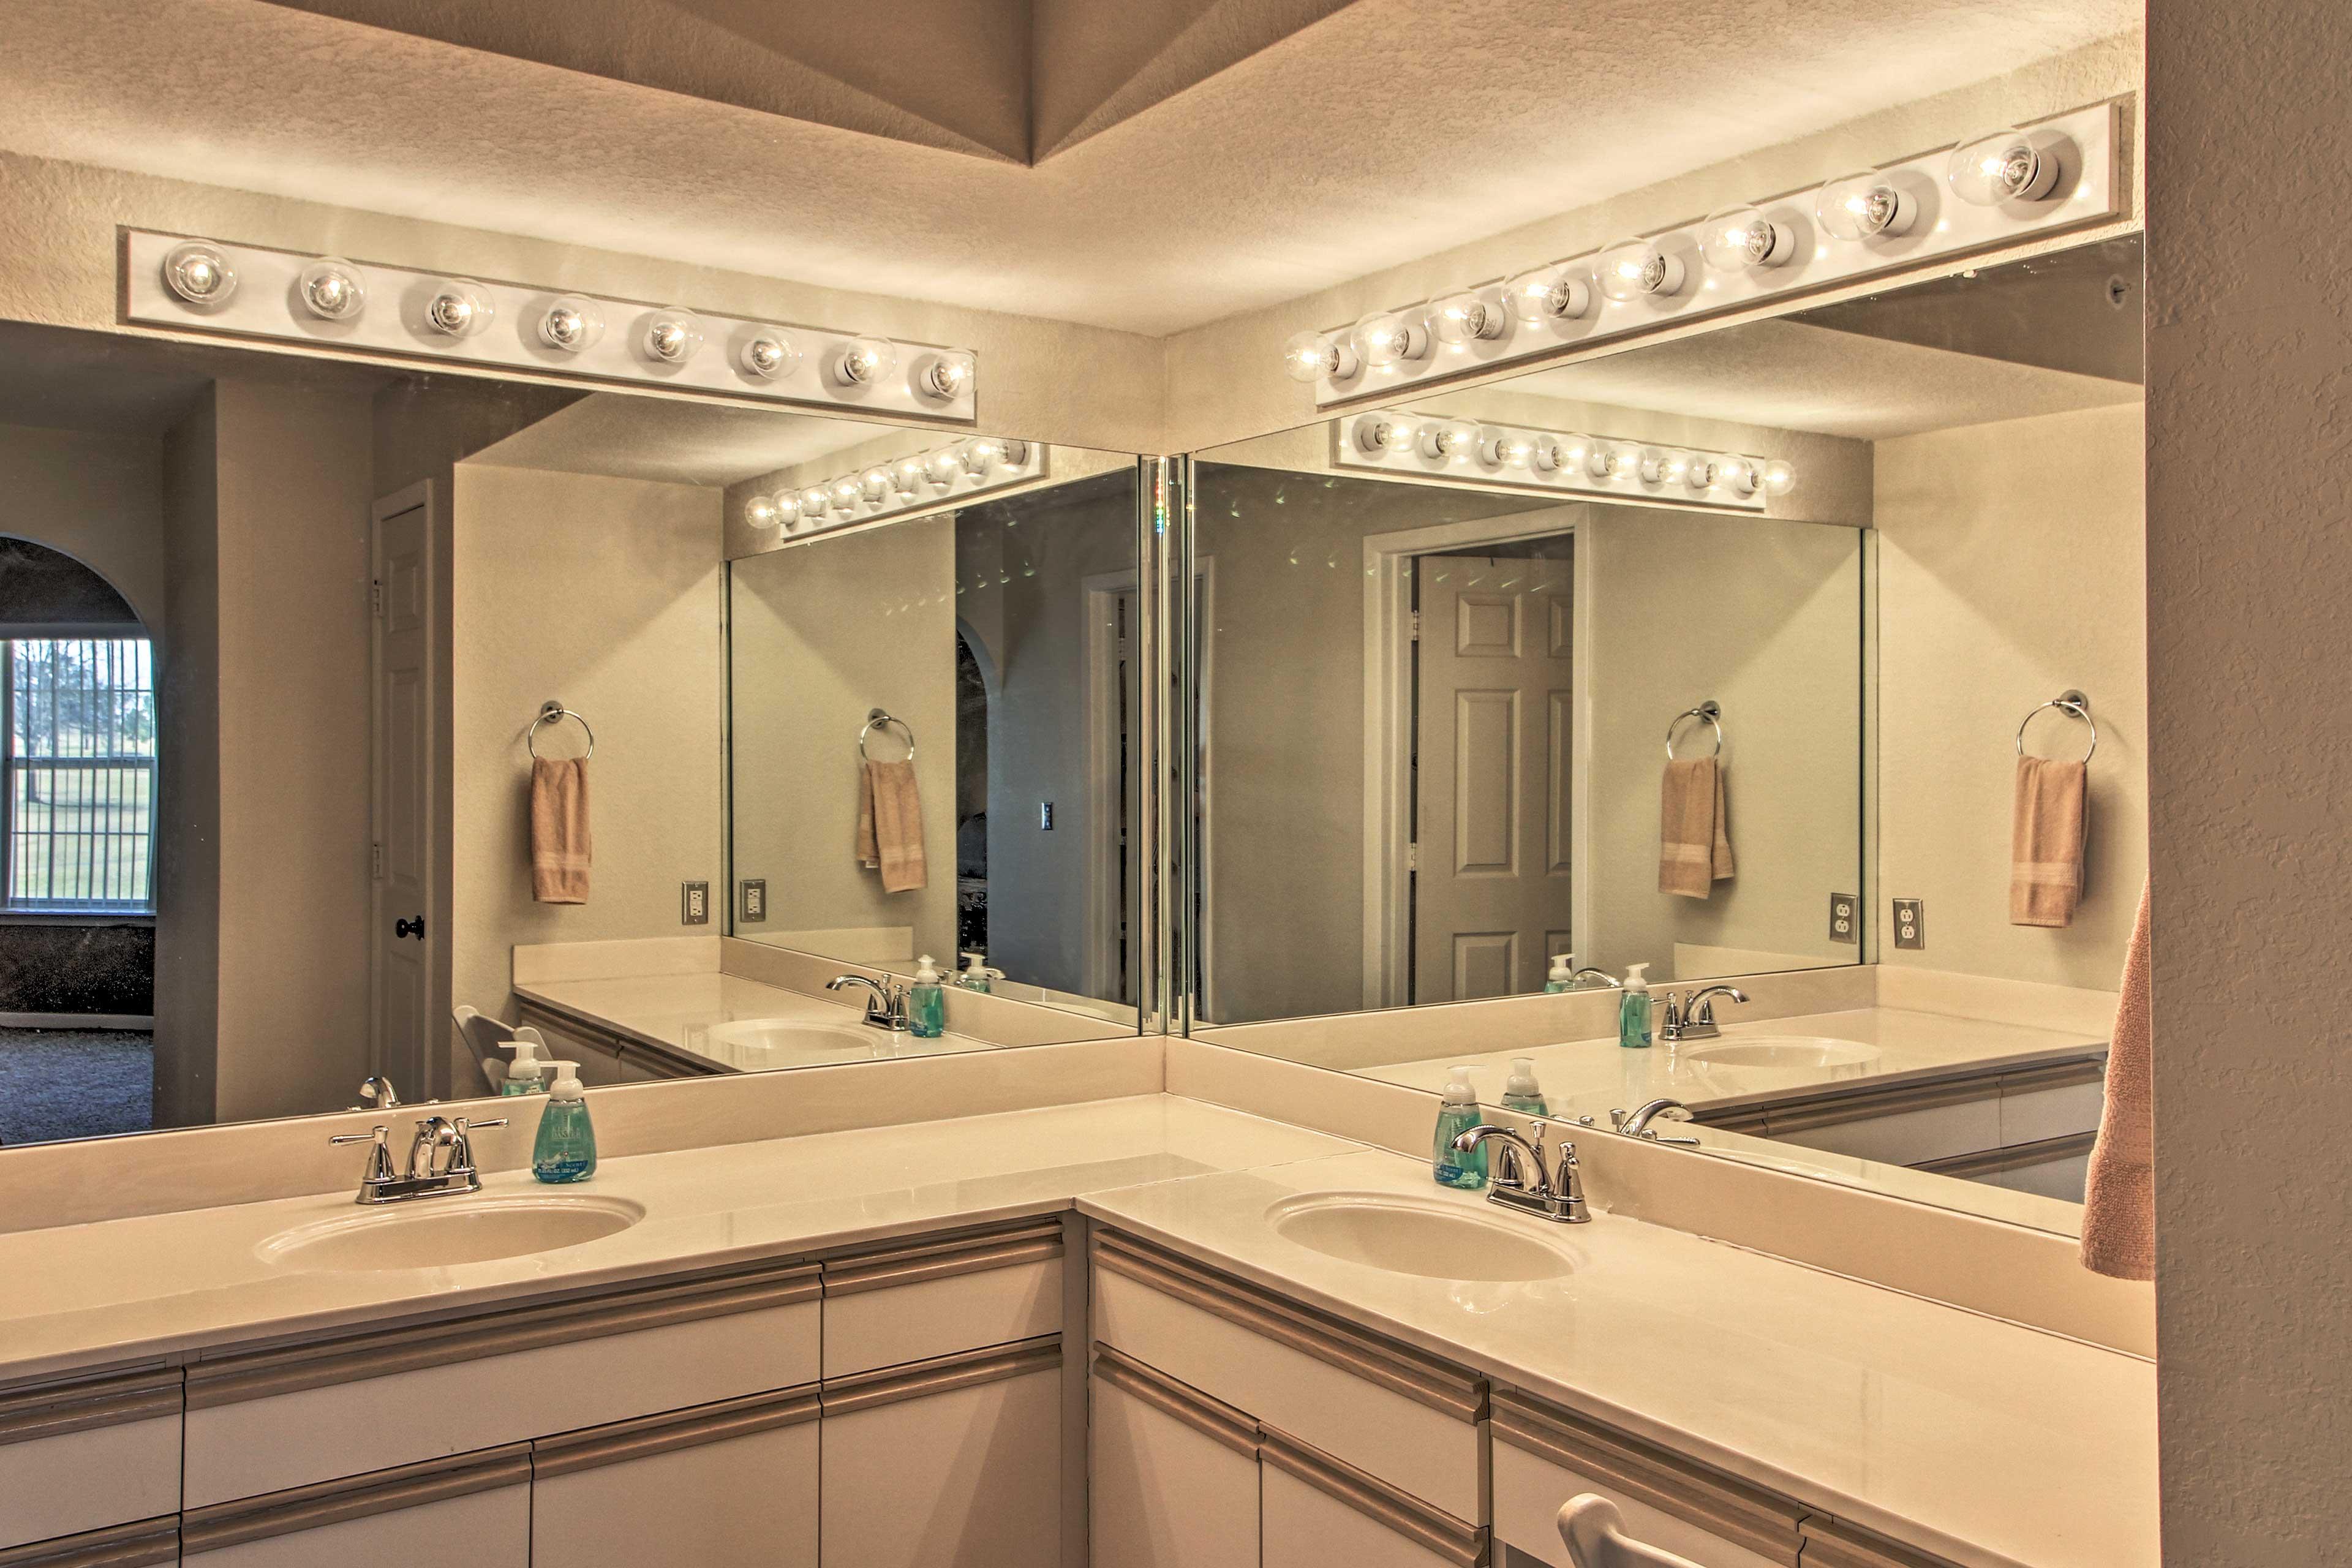 The master bath has plenty of vanity space.